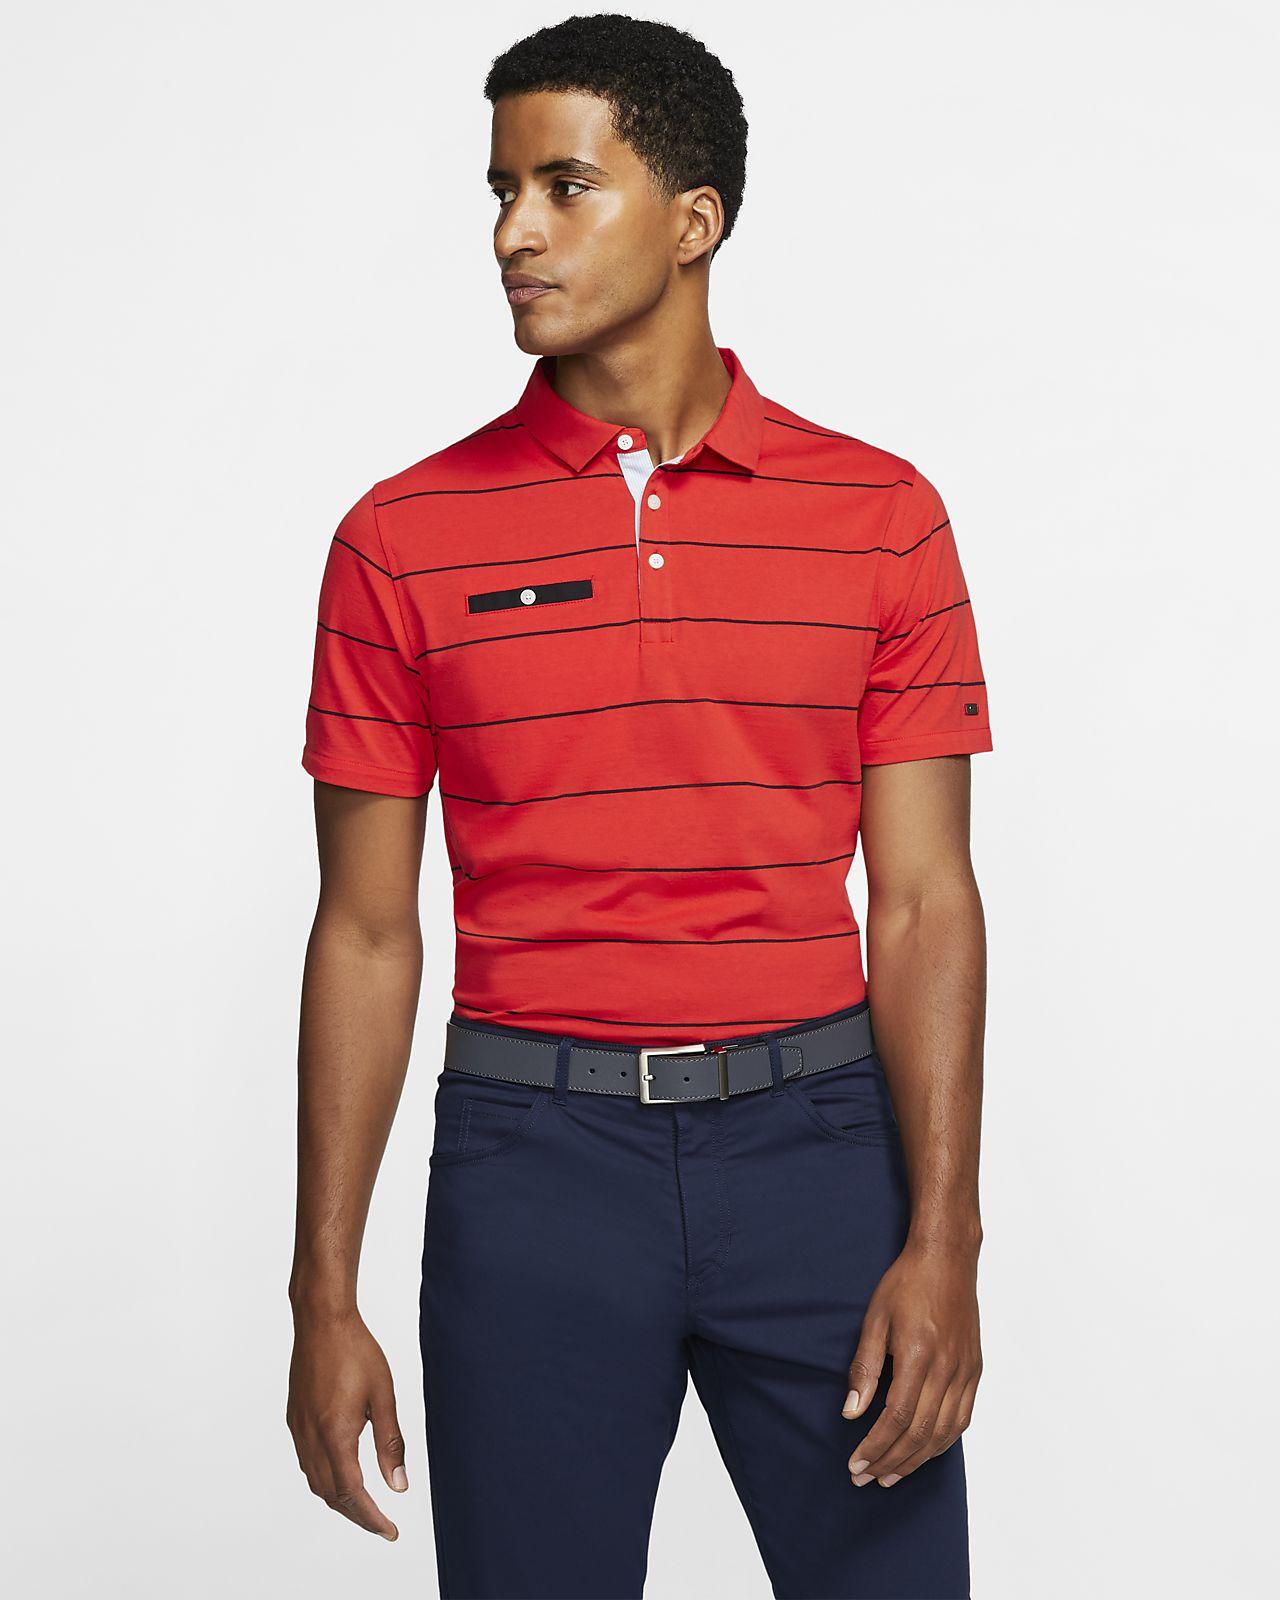 nike polo with pocket